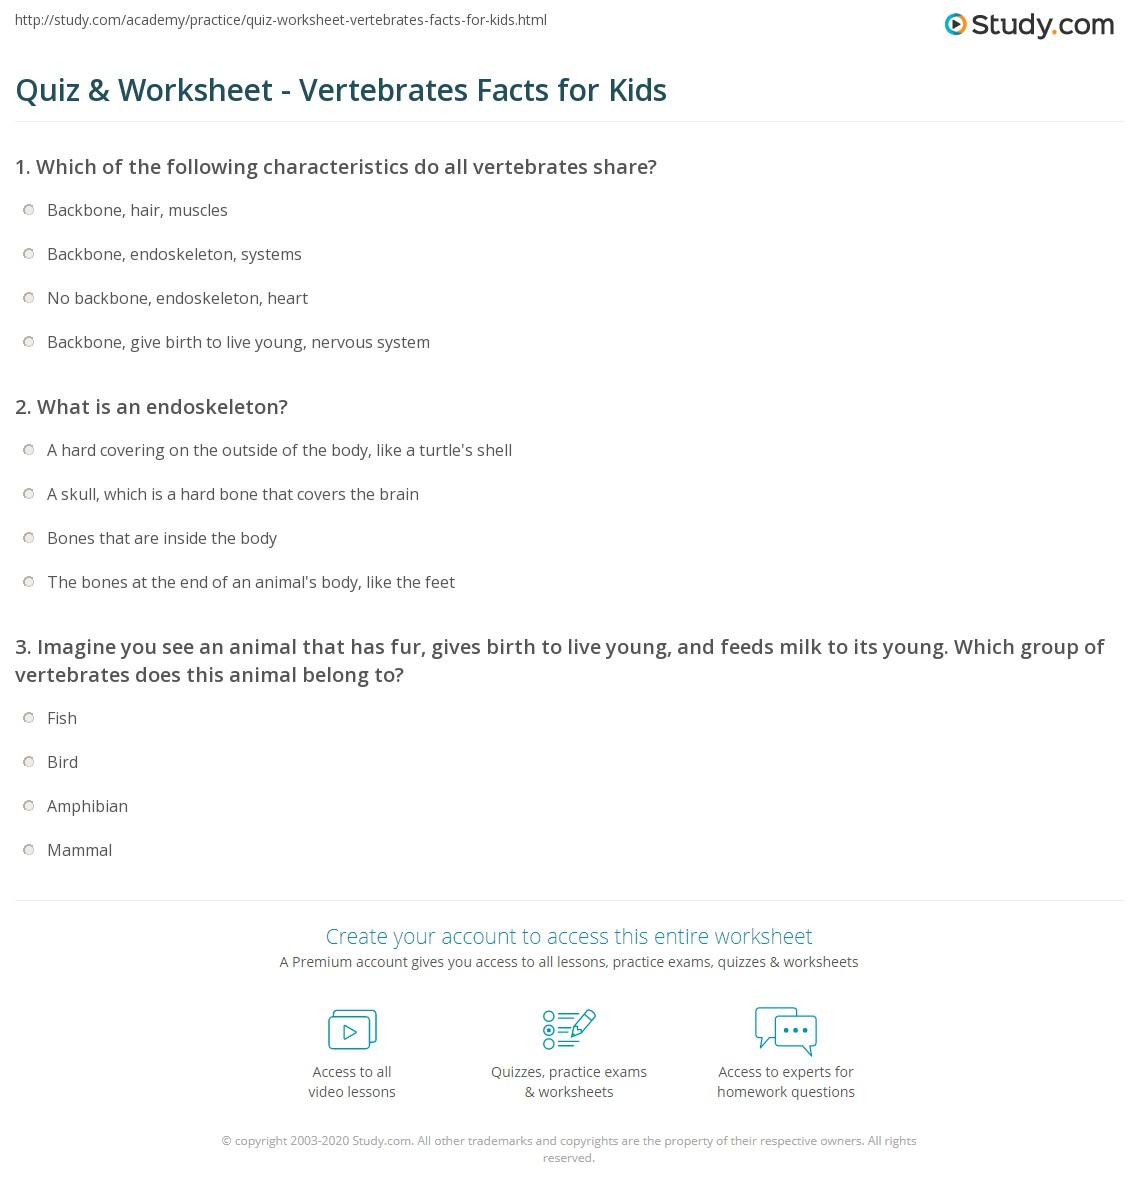 Quiz W Ksheet Vertebr Tes F Cts Kids Study